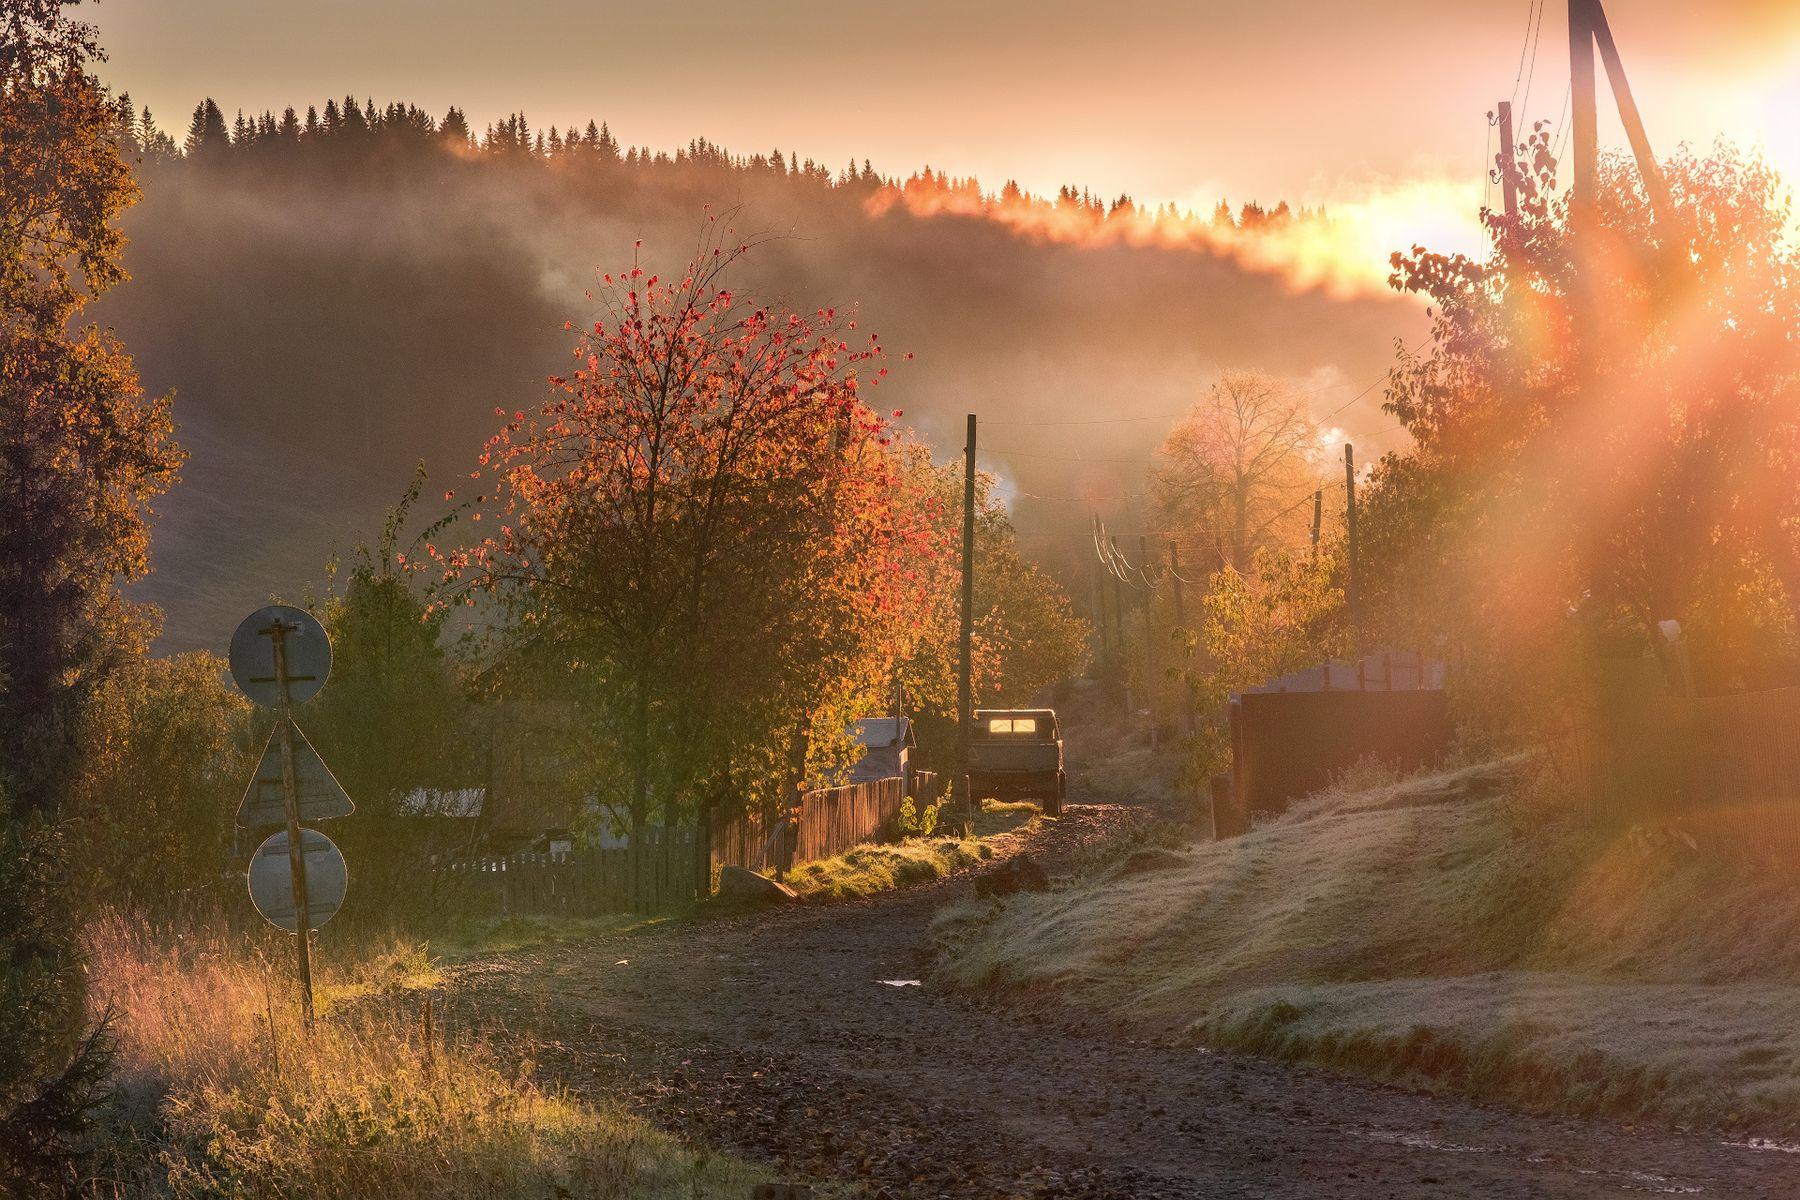 Лучи на кривой улочке утро рассвет село улица урал кусья пермь